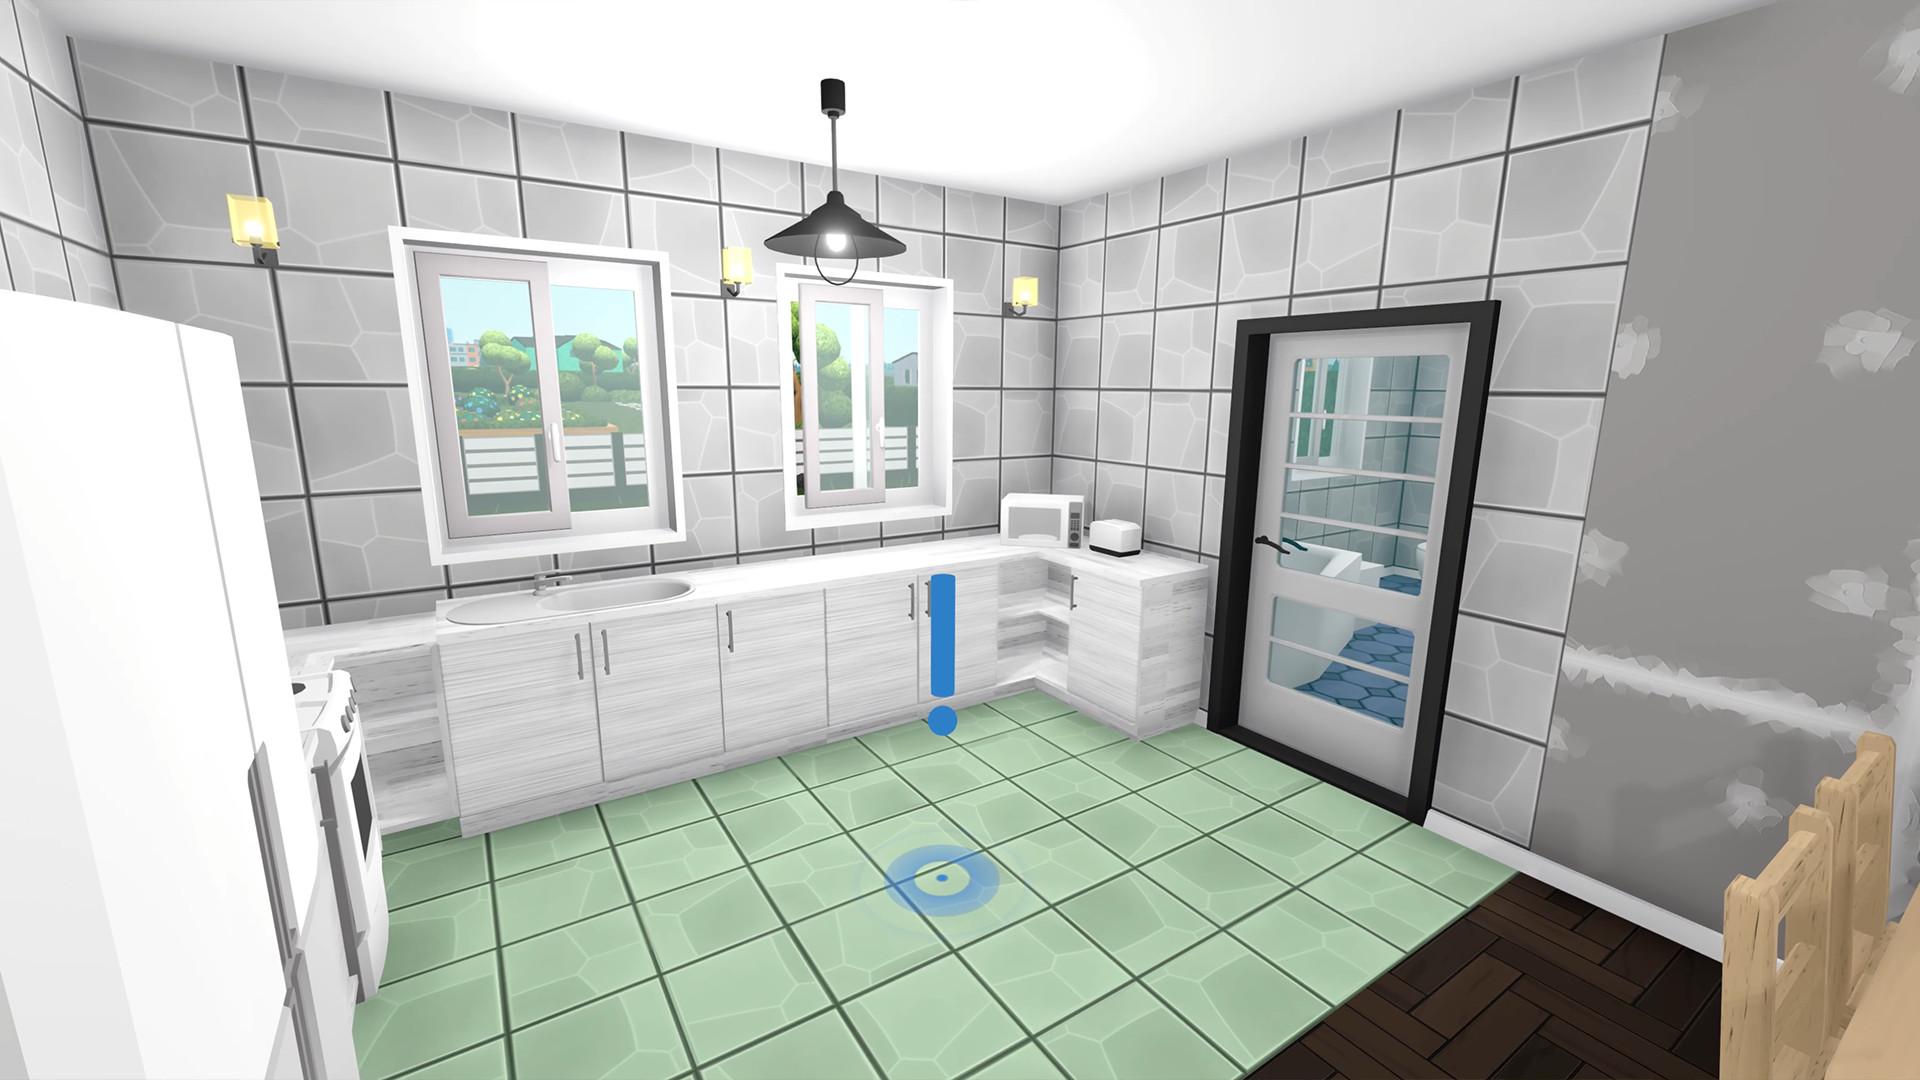 House Flipper VR on Steam